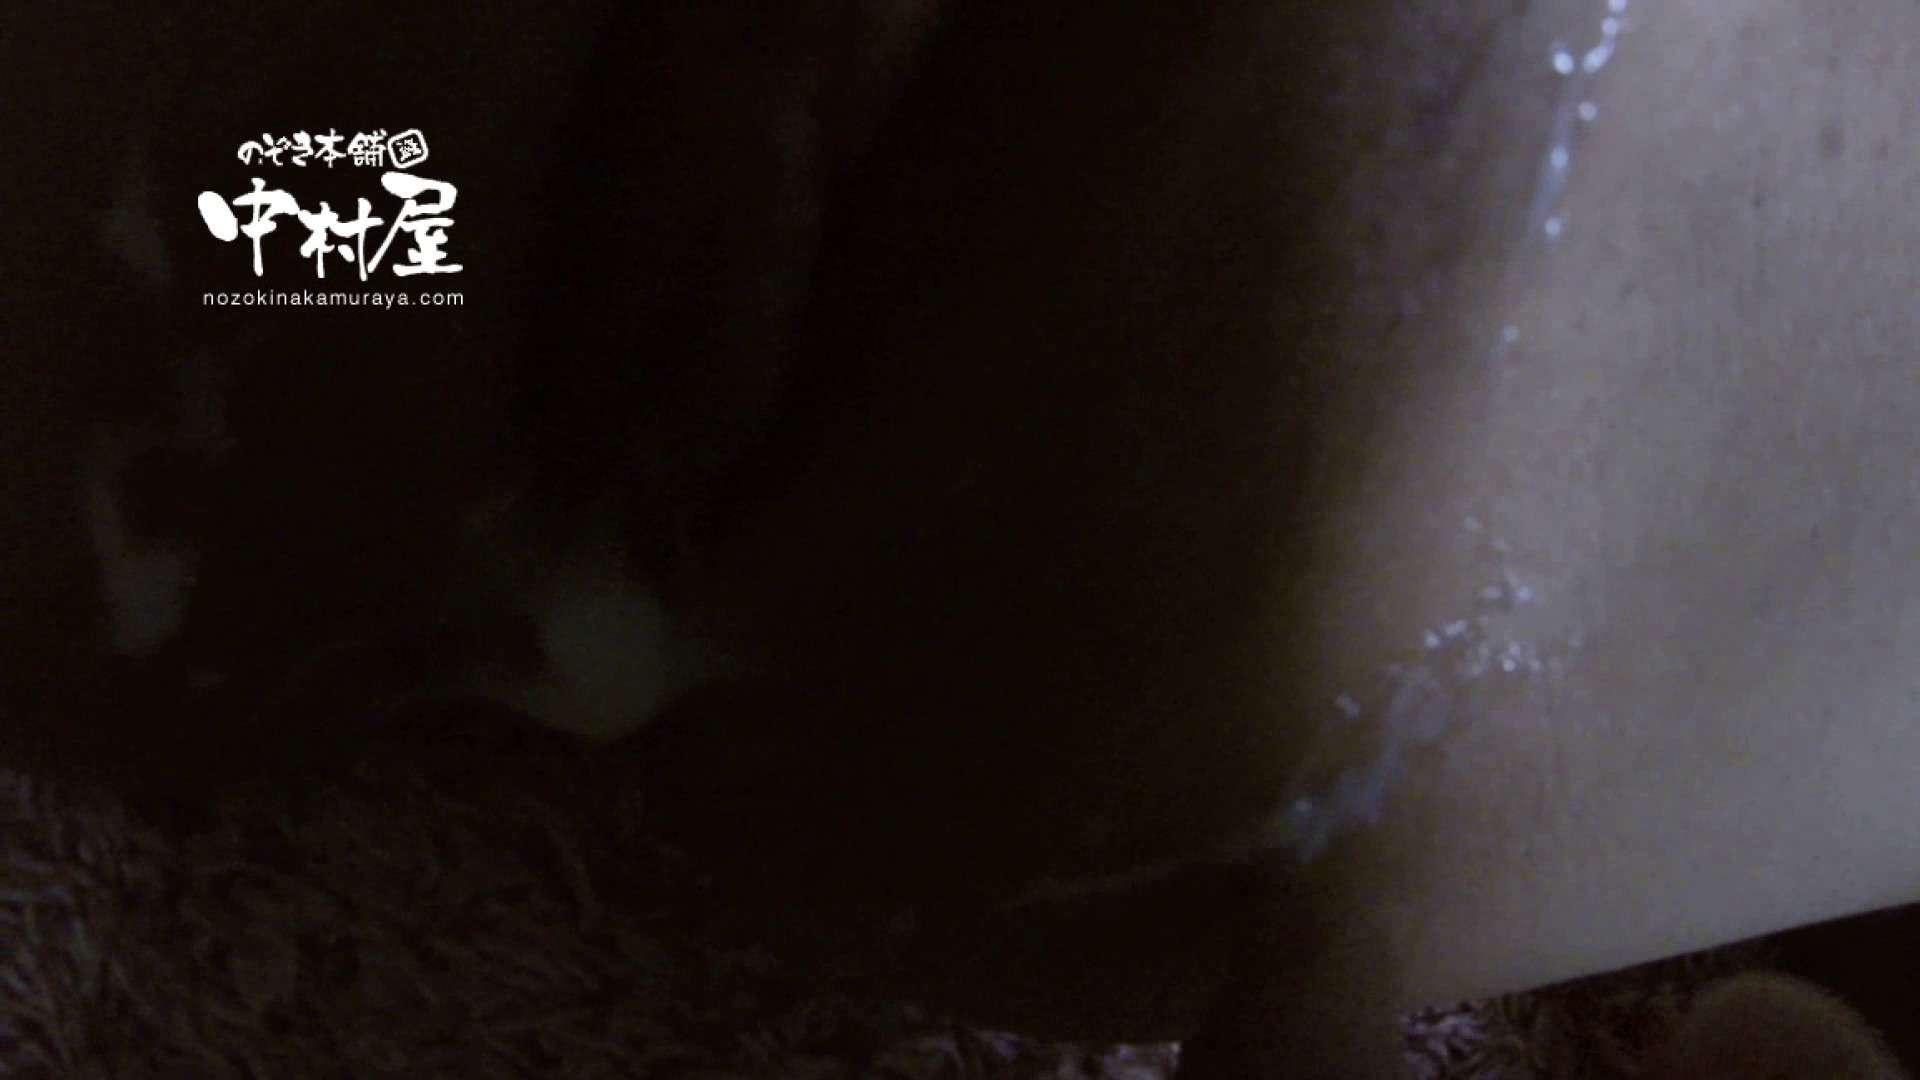 鬼畜 vol.10 あぁ無情…中出しパイパン! 後編 中出し  49連発 13